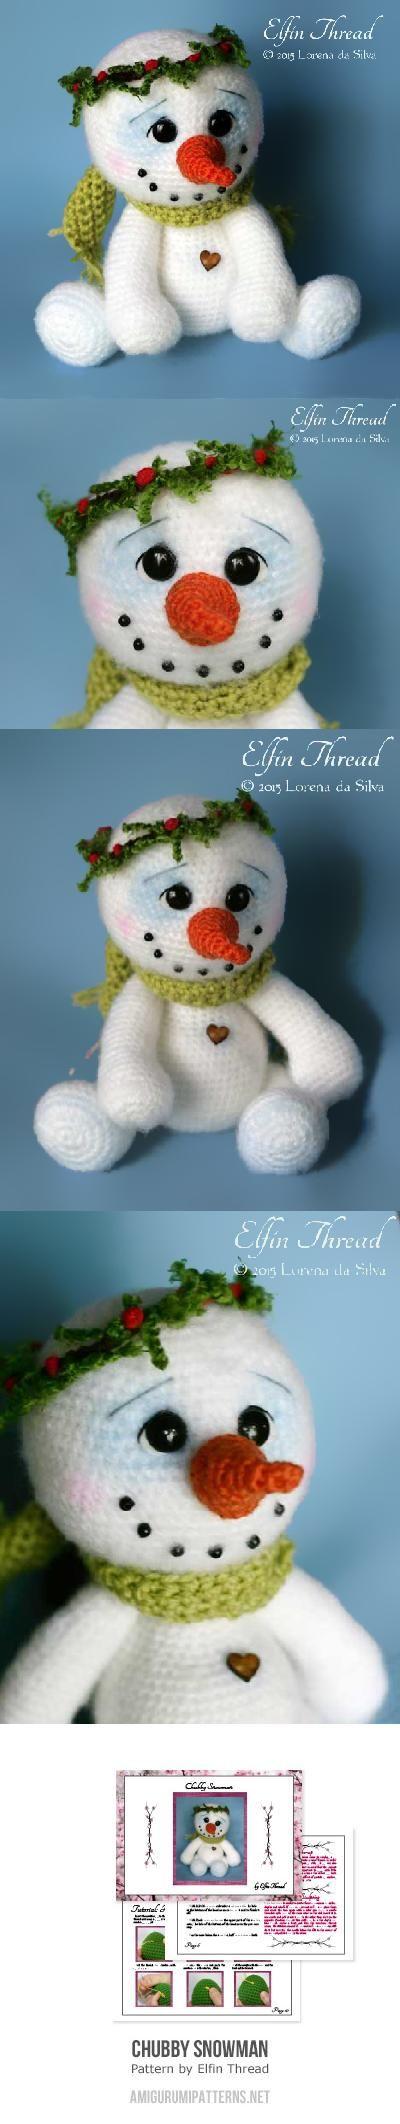 Chubby Snowman amigurumi pattern by Elfin Thread